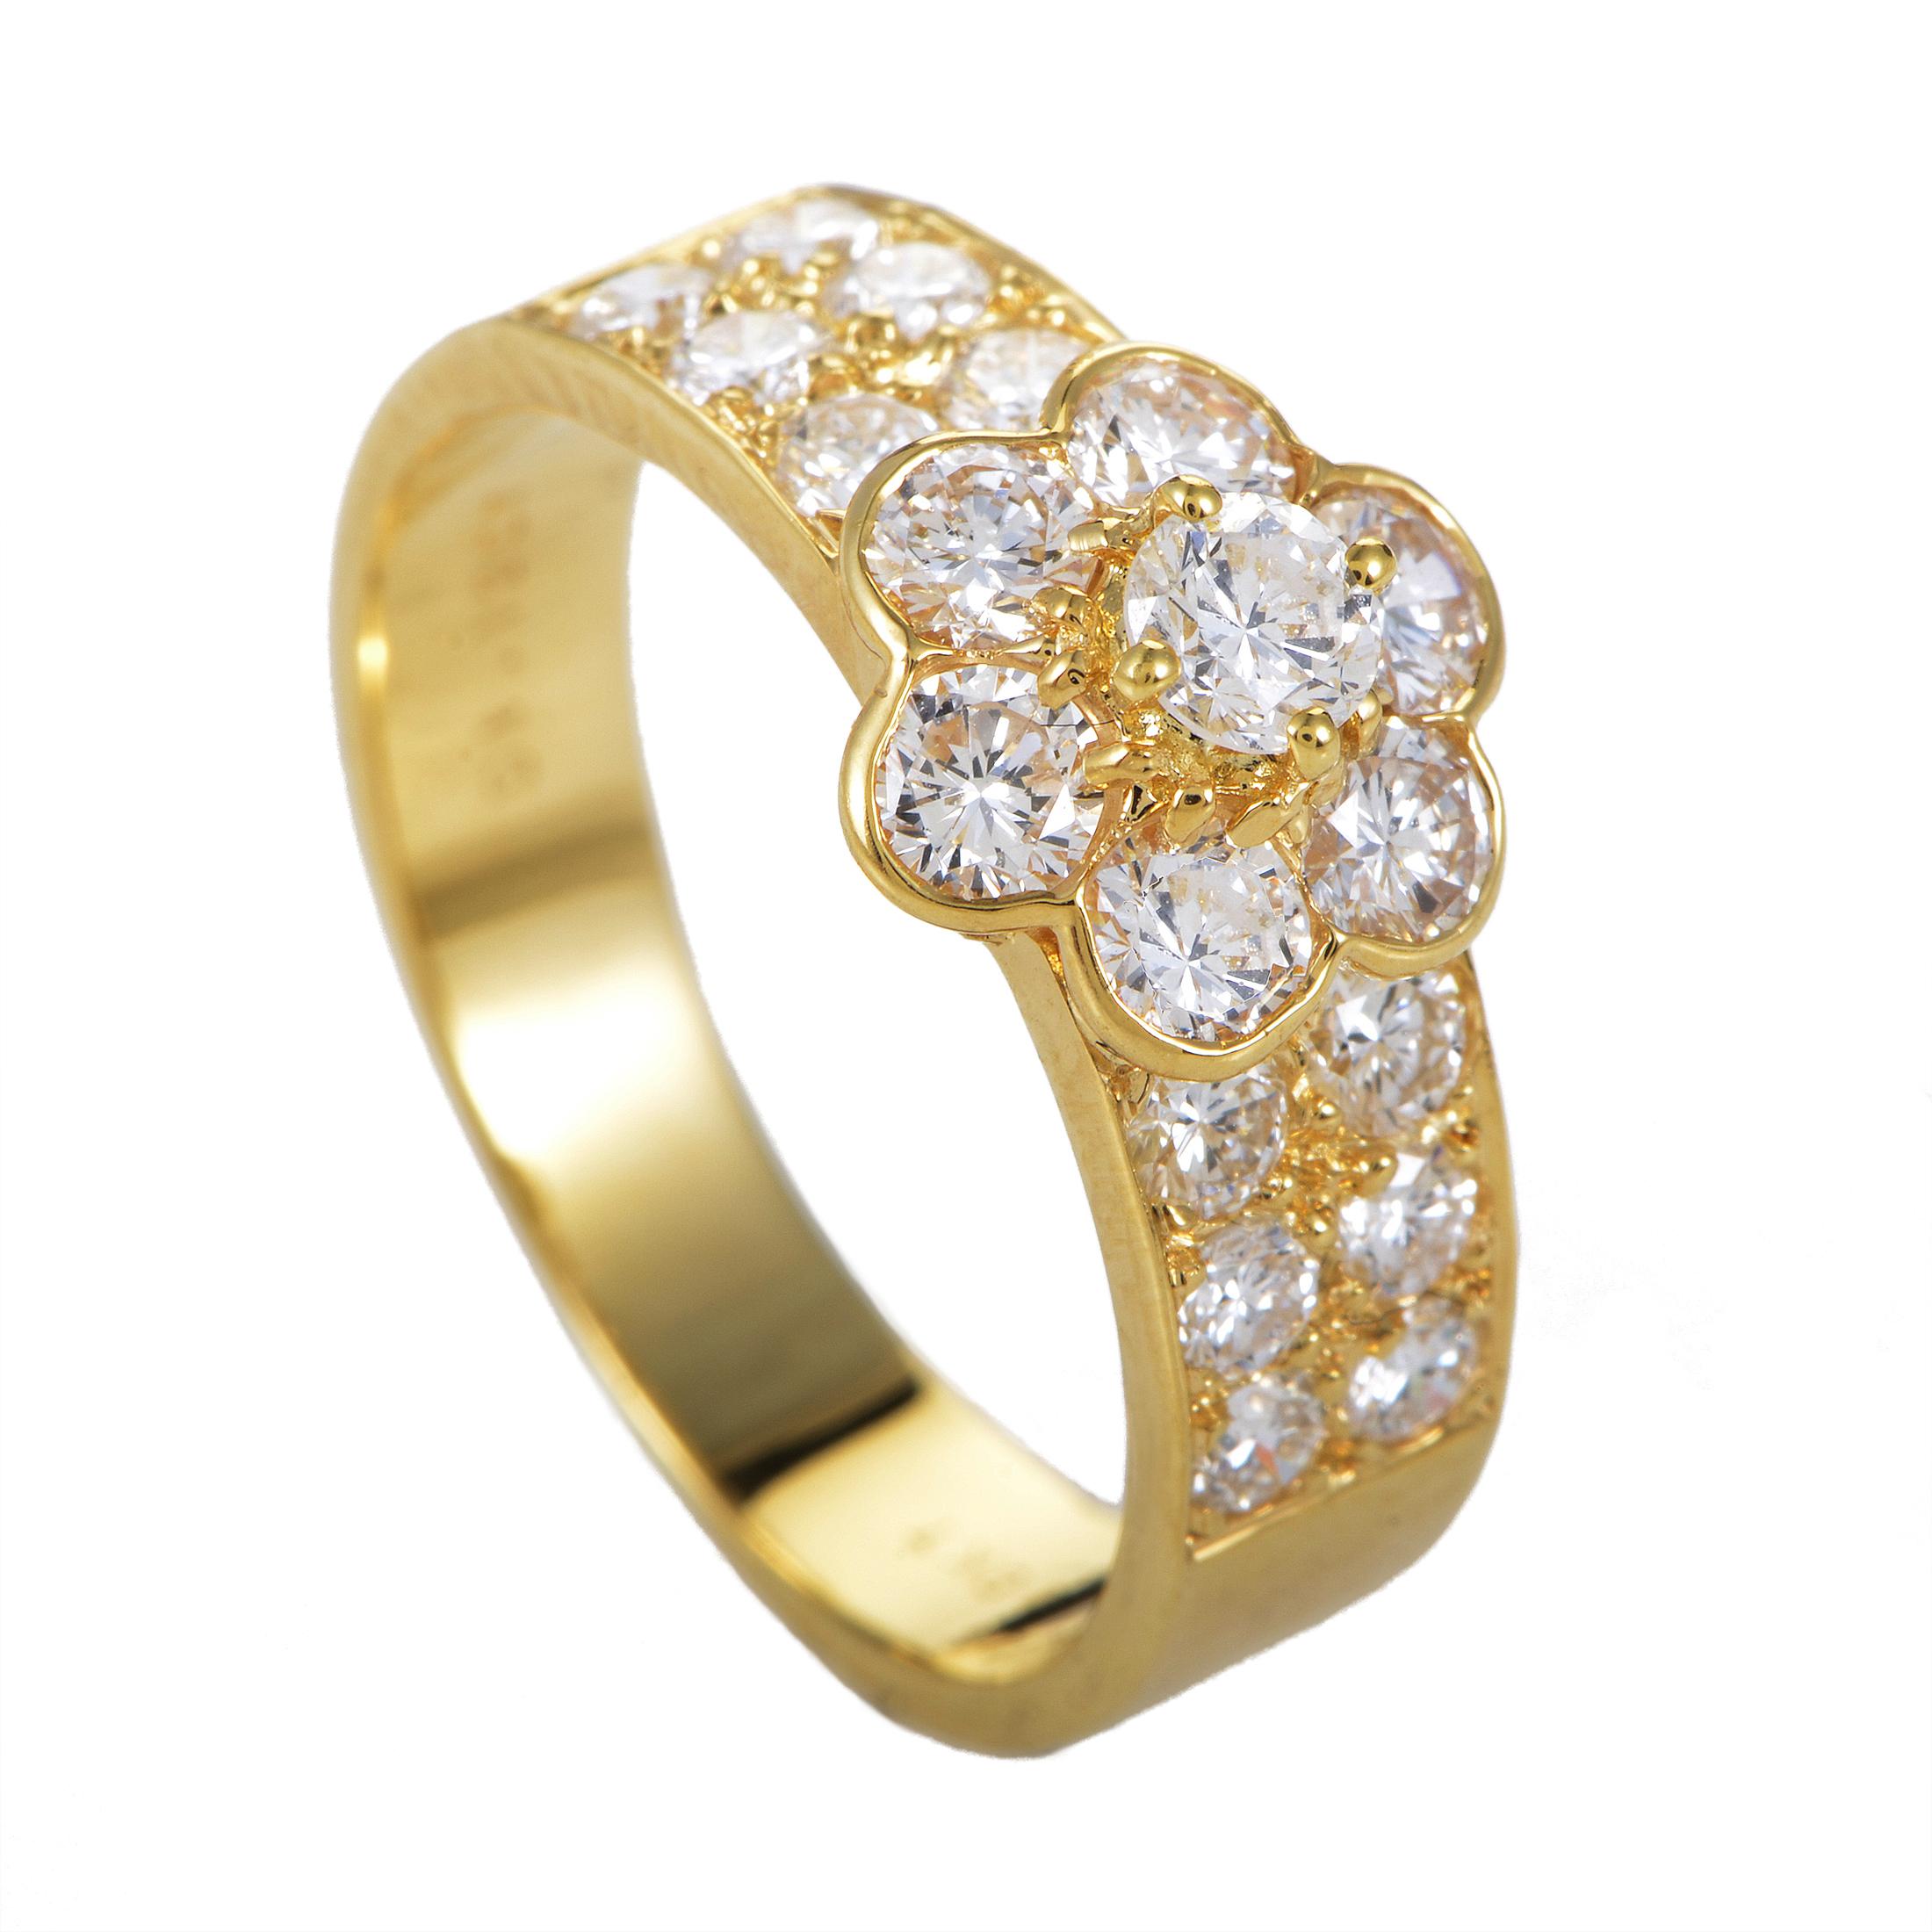 Van Cleef & Arpels Fleurette Women's 18K Yellow Gold & Diamond Ring